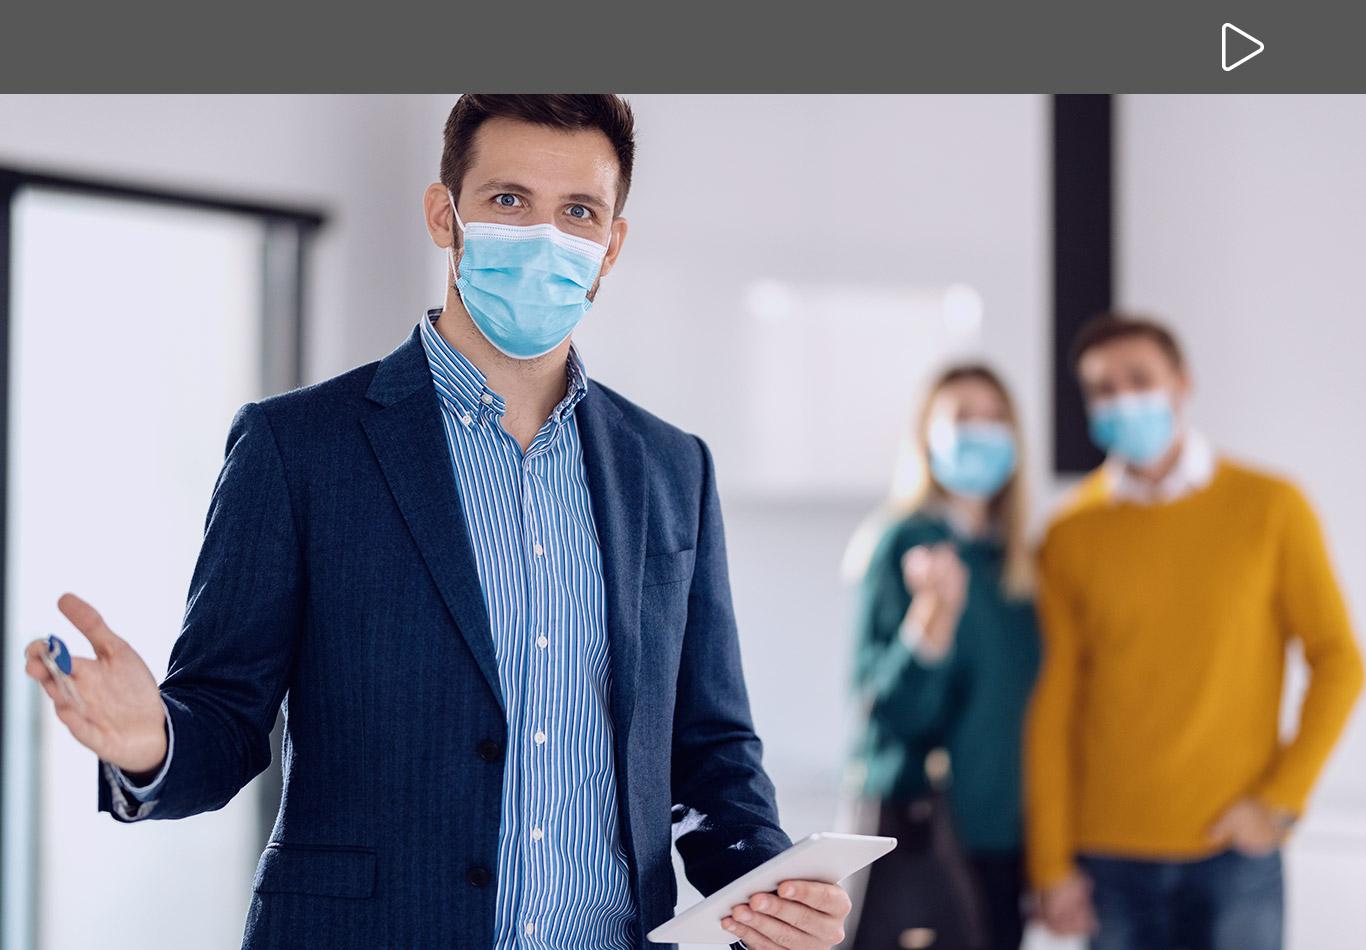 Webinar en directo - 26/10/21- 10h - Transformación del mercado tras la pandemia: venta y alquiler